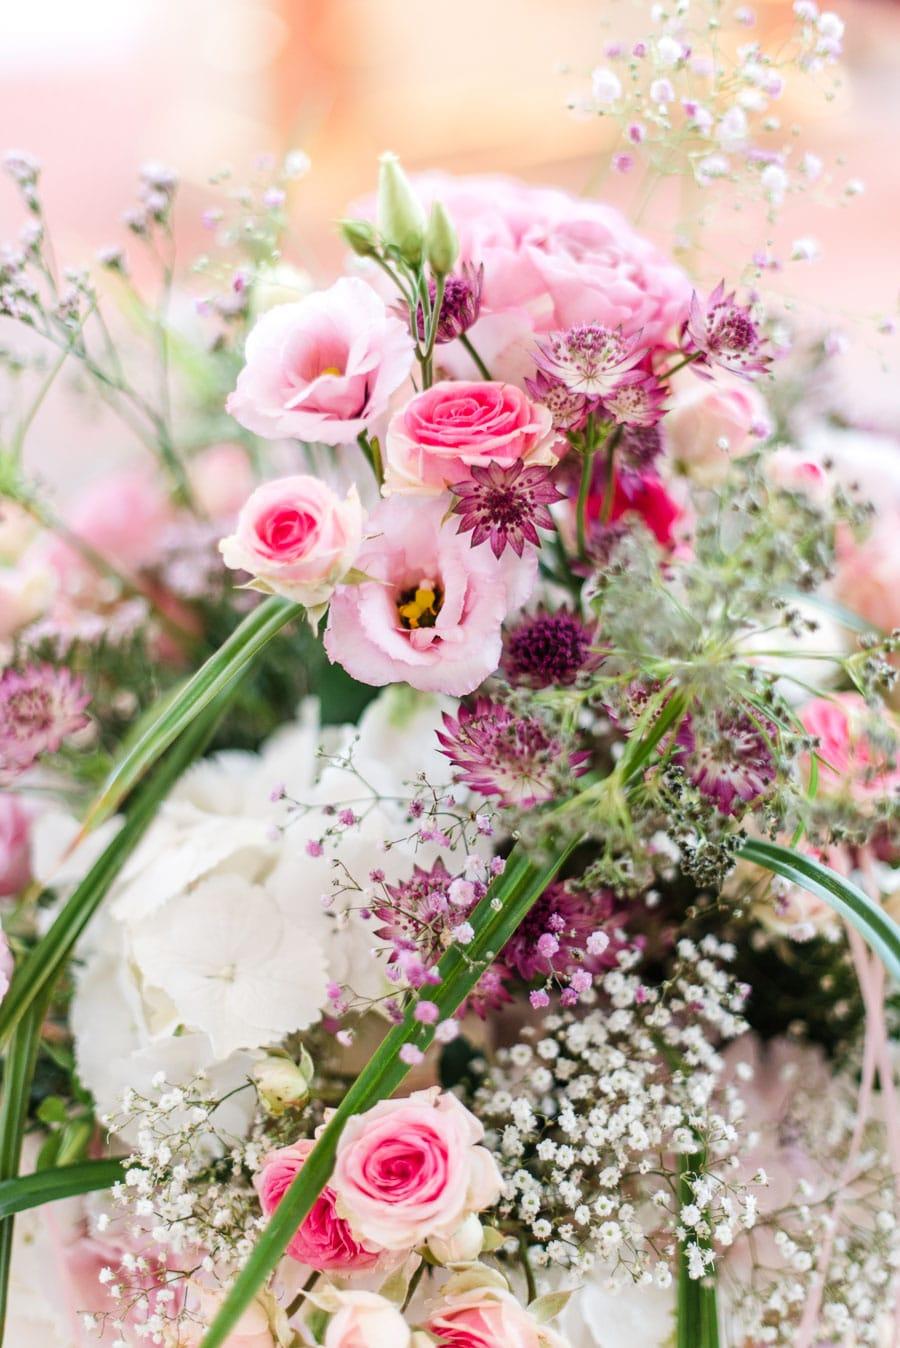 echte-hochzeit-diy-rosen-pink-veronika-anna-fotografie-31